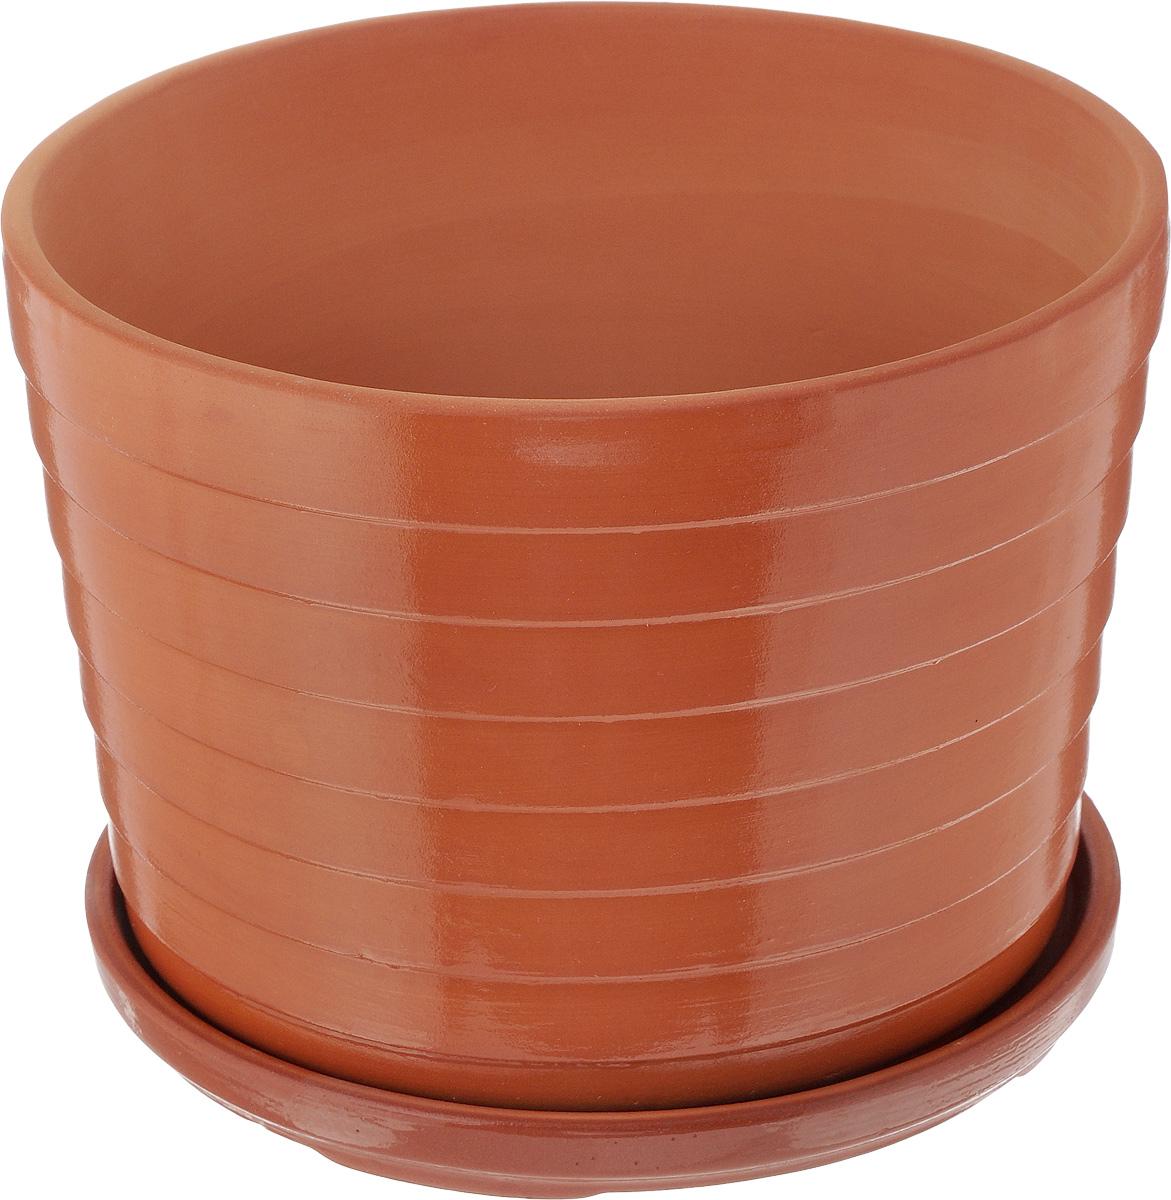 Горшок для цветов Ломоносовская керамика Риф, с поддоном, 3,5 л531-402Горшок Ломоносовская керамика Риф изготовлен из высококачественной керамики и оснащен поддоном для стока воды.Изделие прекрасно подойдет для выращивания растений дома и на приусадебных участках.Диаметр (по верхнему краю): 22 см.Высота (с поддоном): 16 см.Размер поддона: 21 х 21 х 2 см.